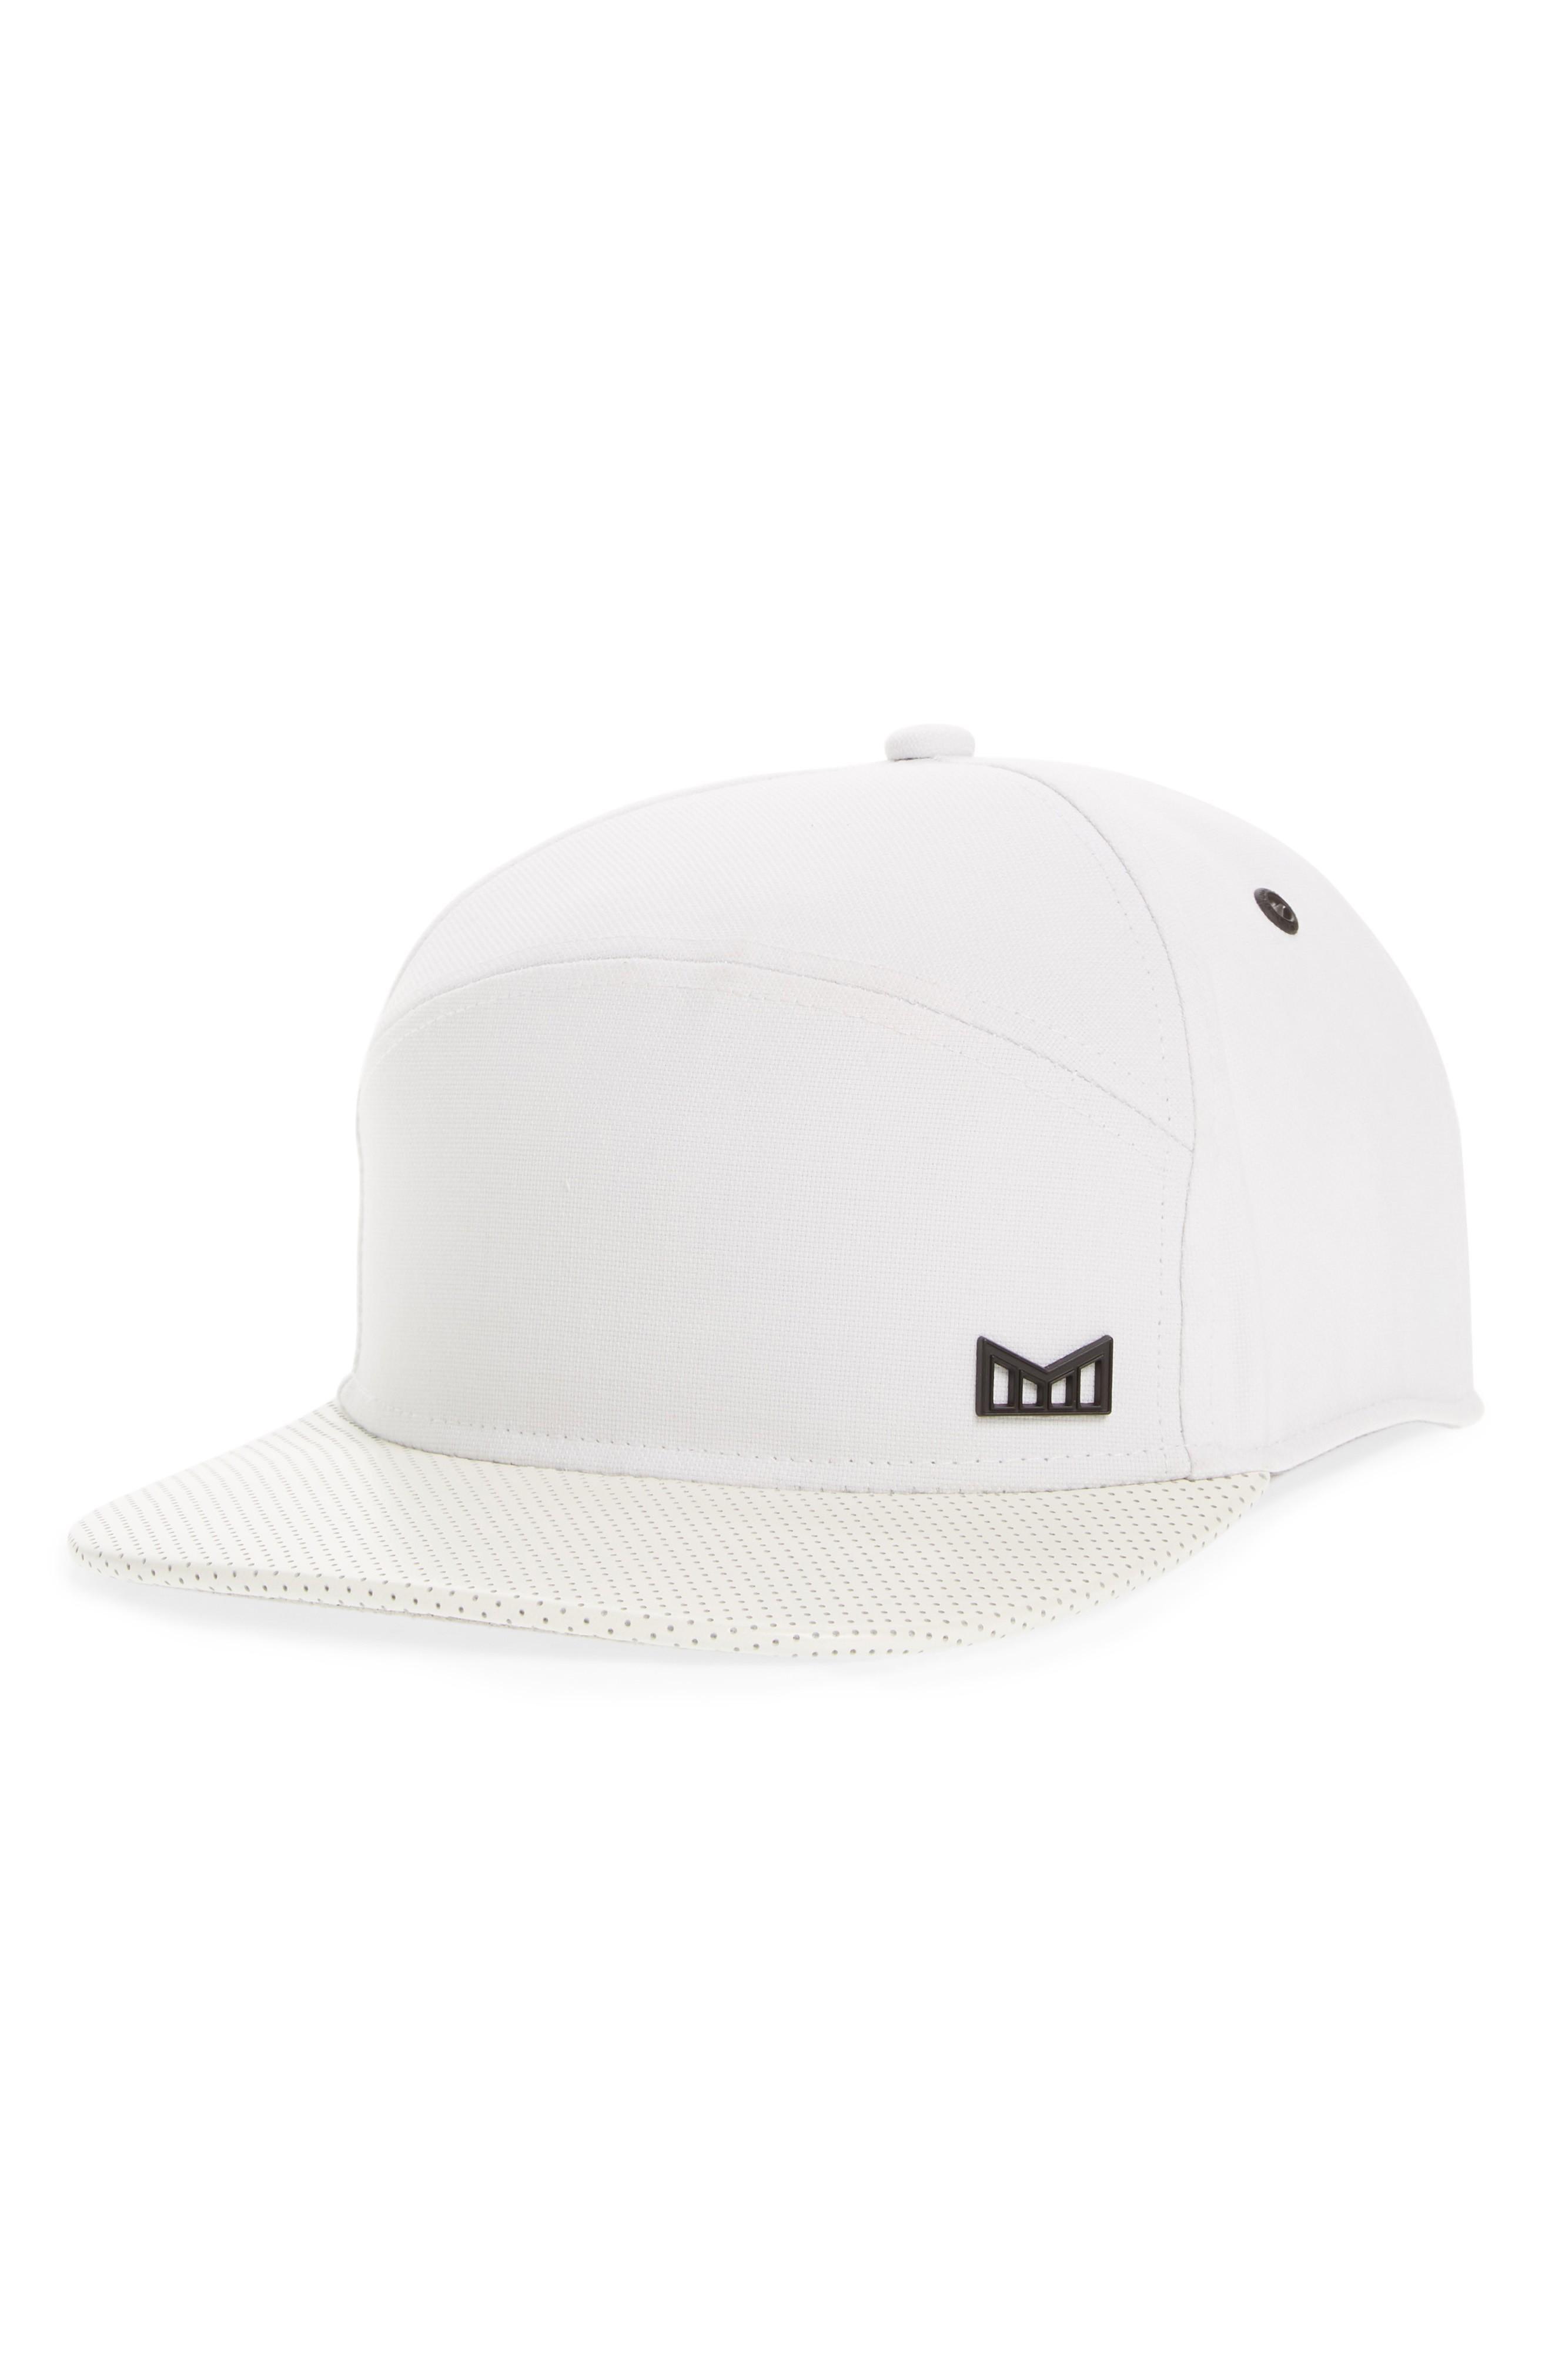 3385b34c0c9 Melin  The Vision  Horizon Fit Flat Brim Baseball Cap - White